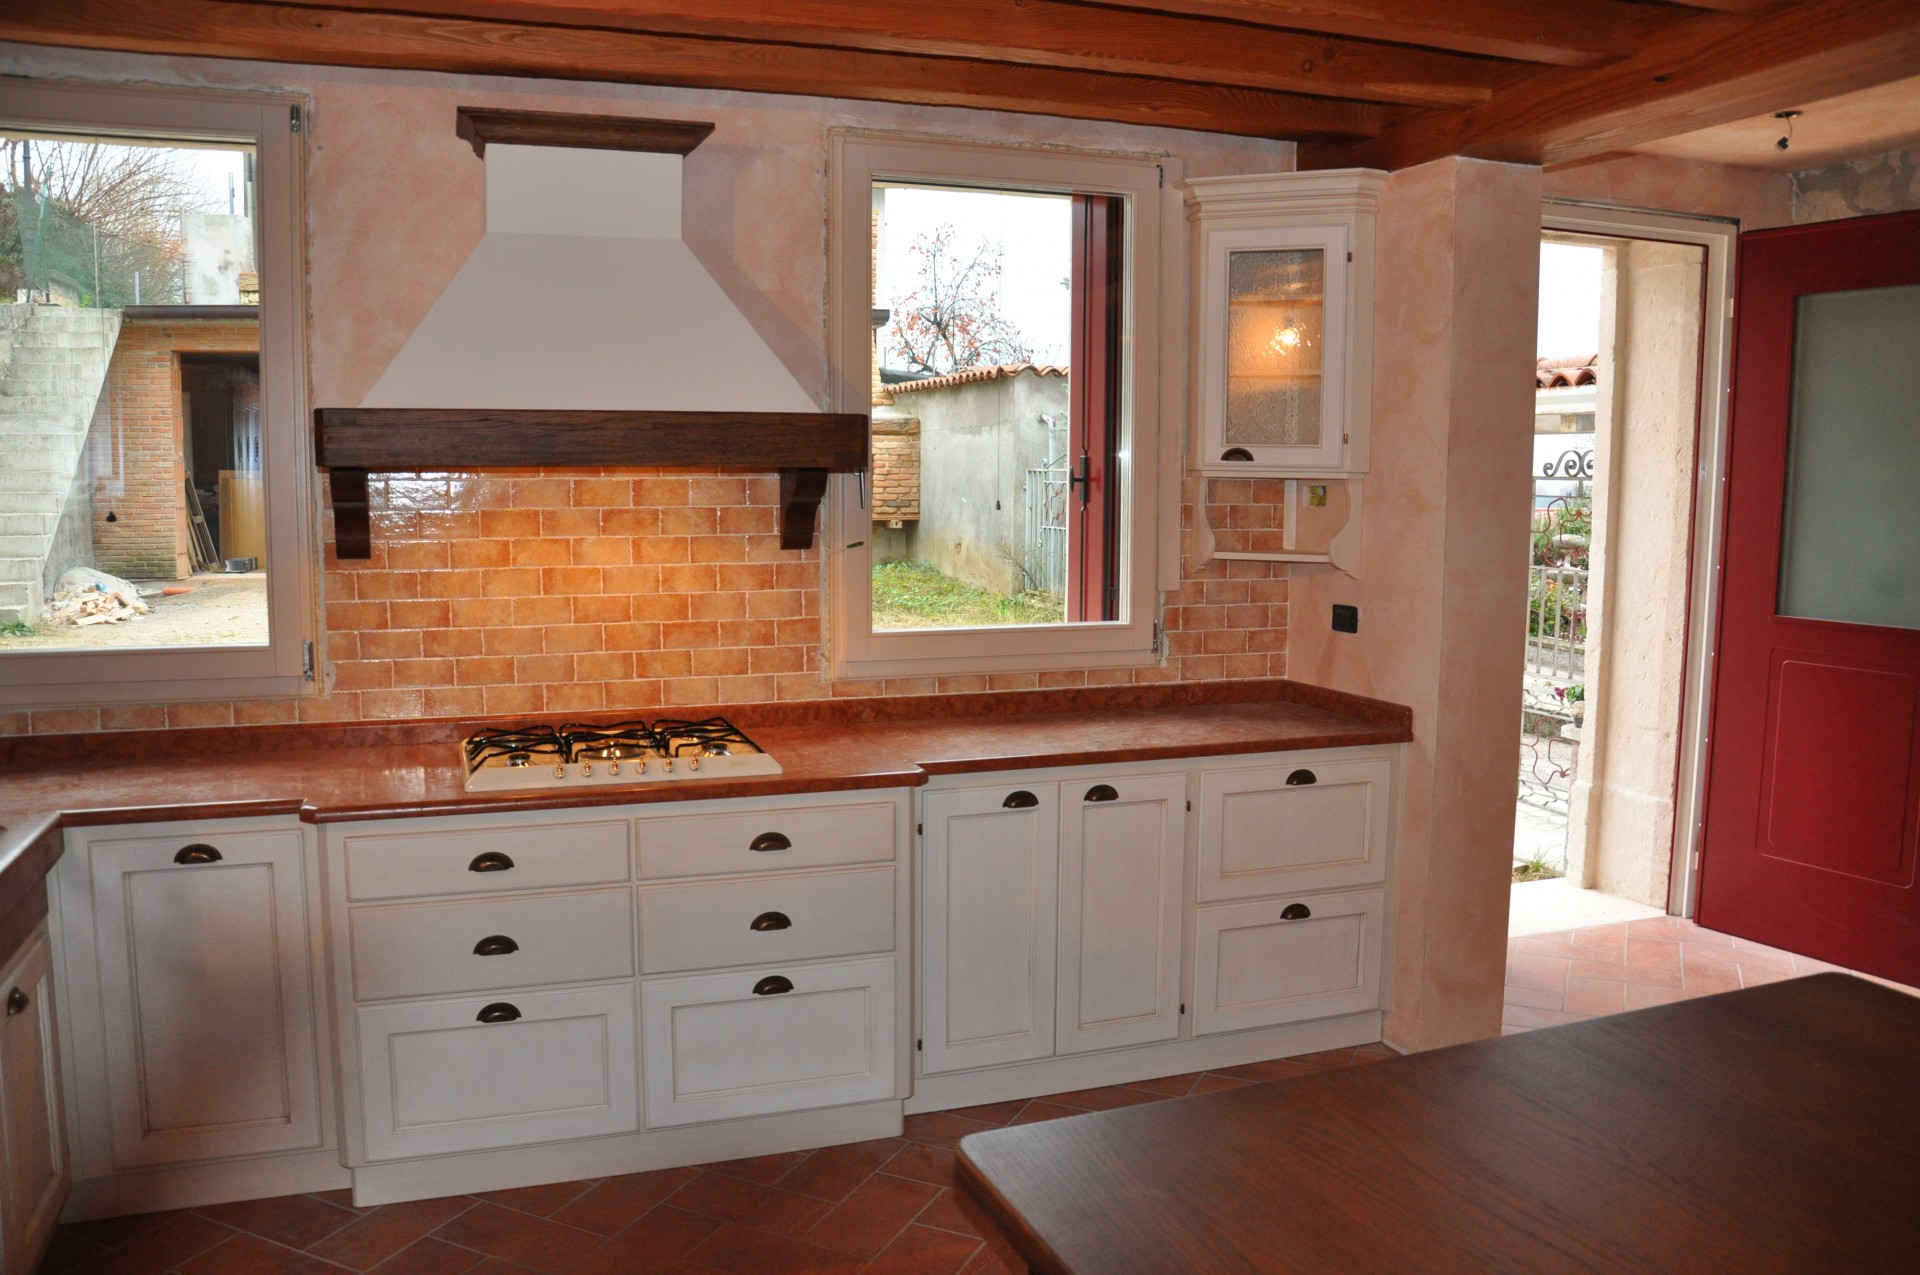 Cucina rustica laccata fadini mobili cerea verona - Cappa cucina in muratura ...